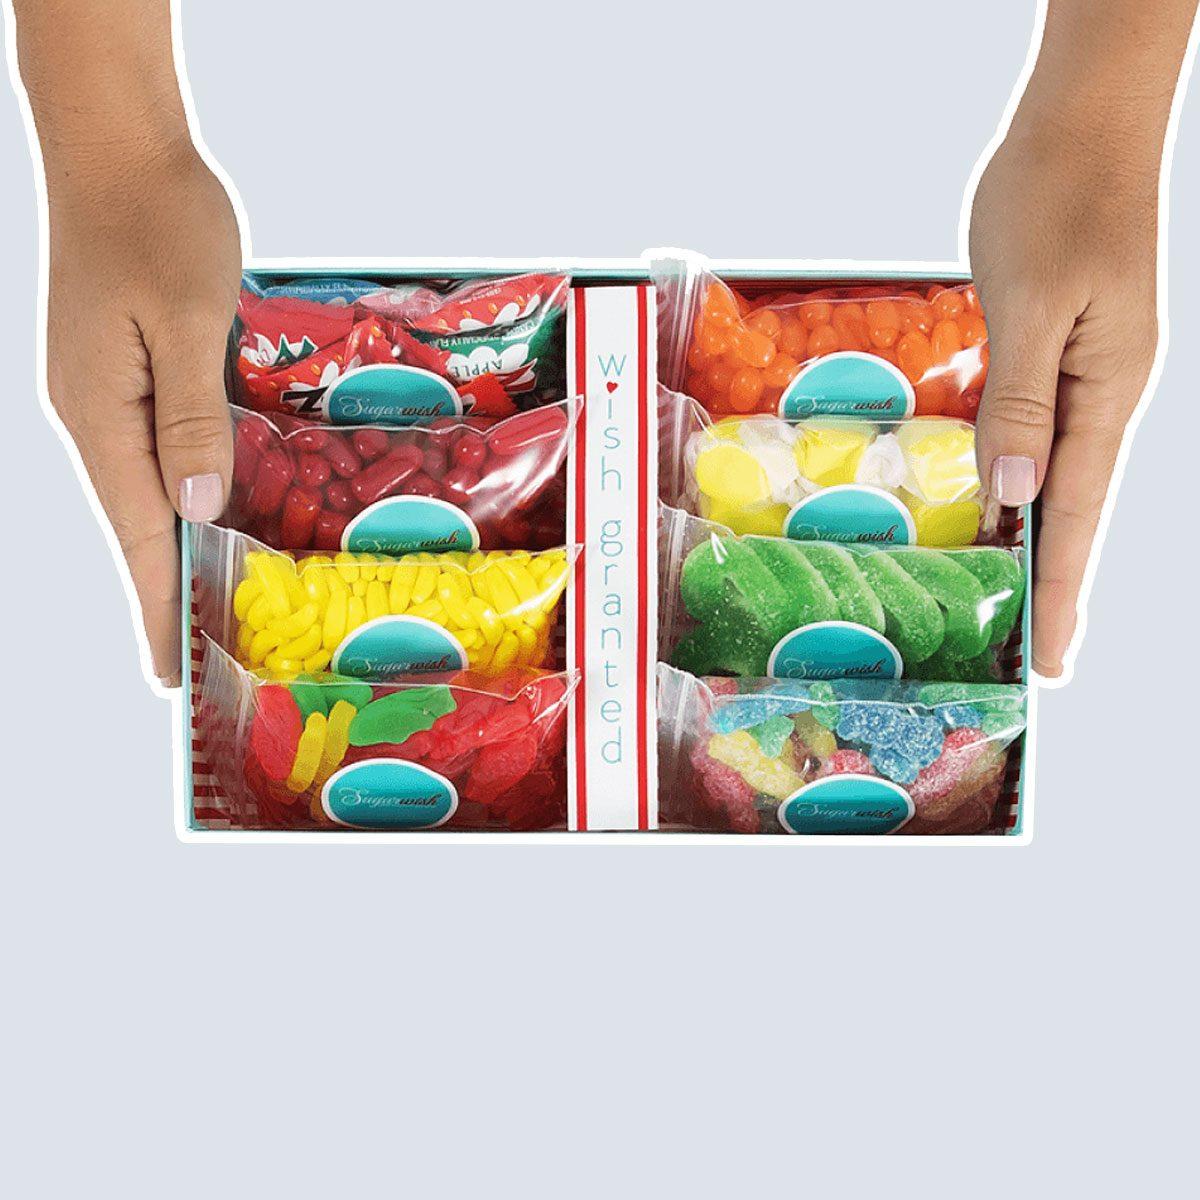 SugarWish Box